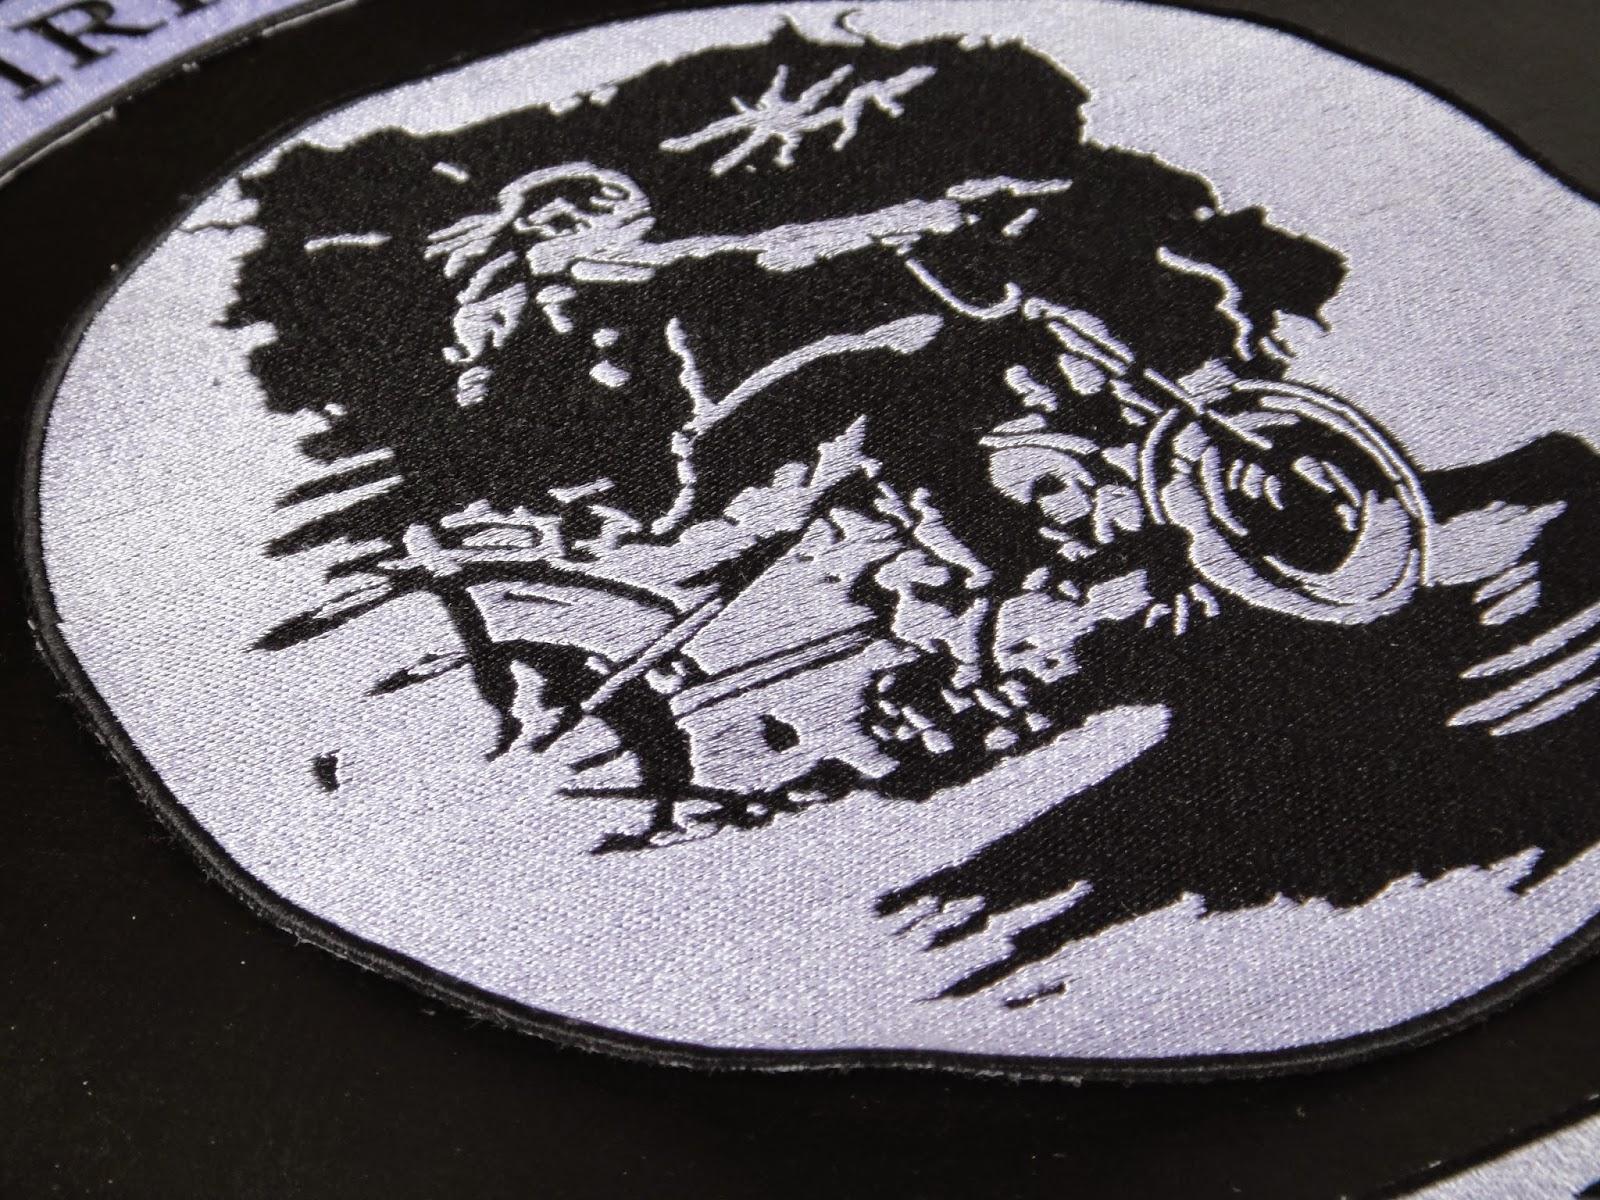 Байкерские нашивки, байкерские эмблемы на заказ